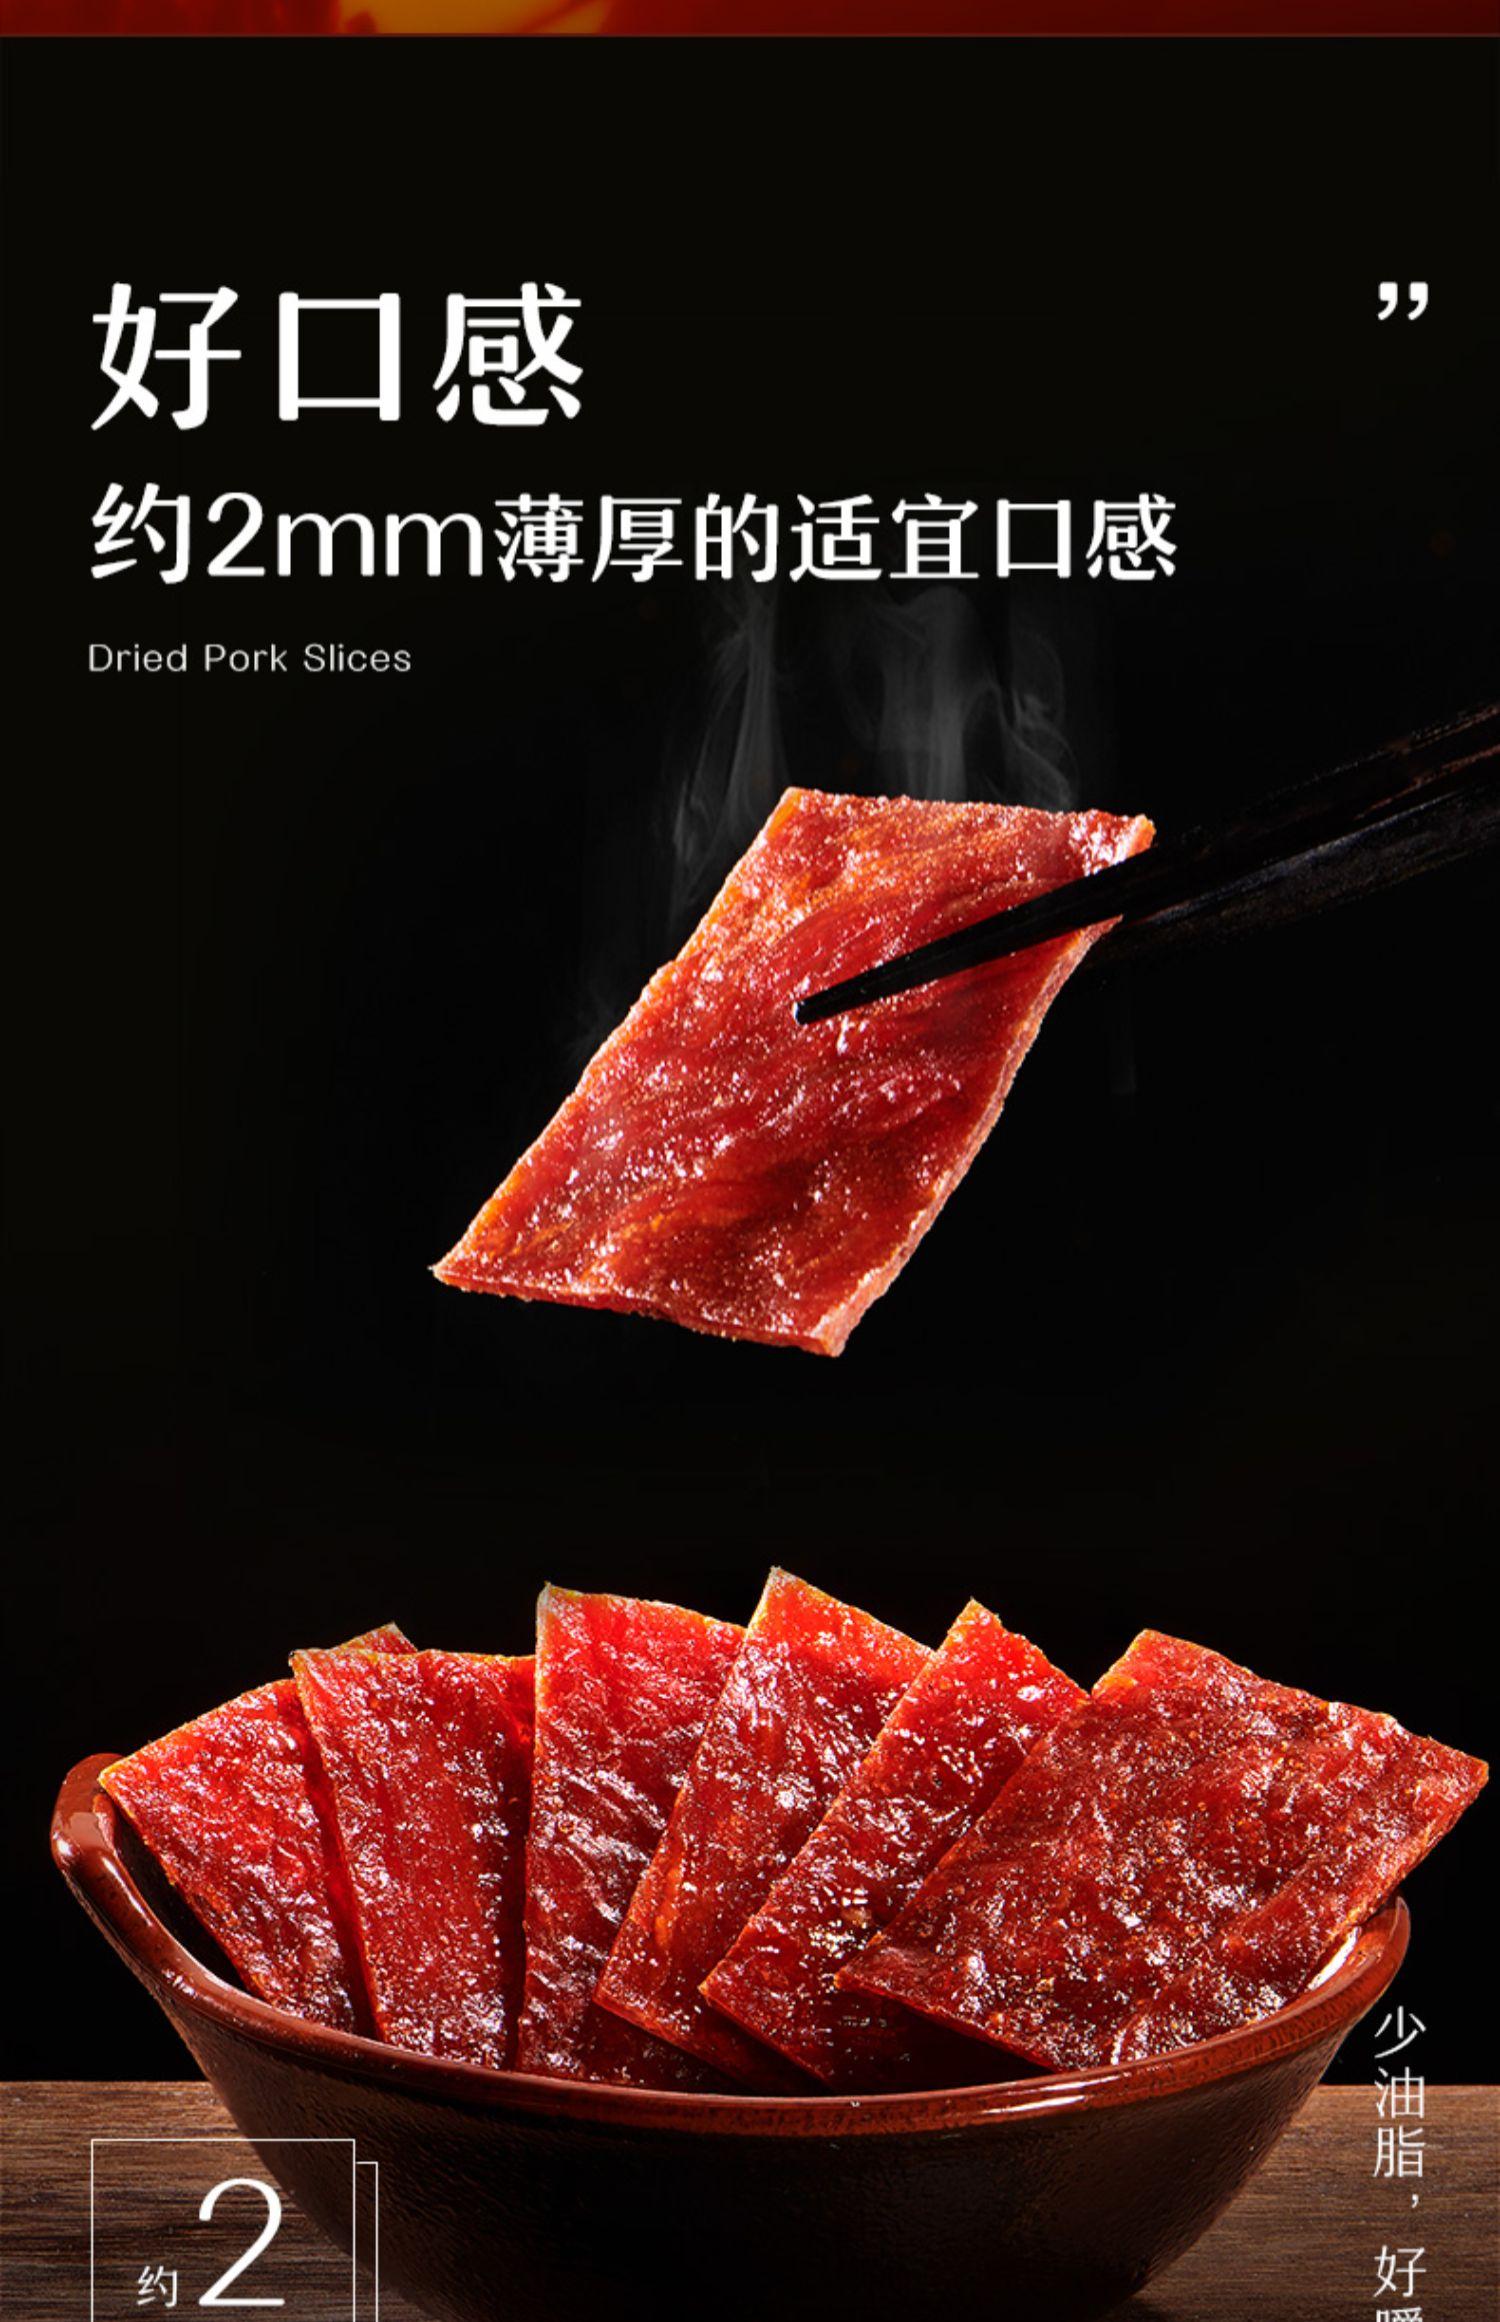 【前500份半价】来伊份精制靖江猪肉脯600g